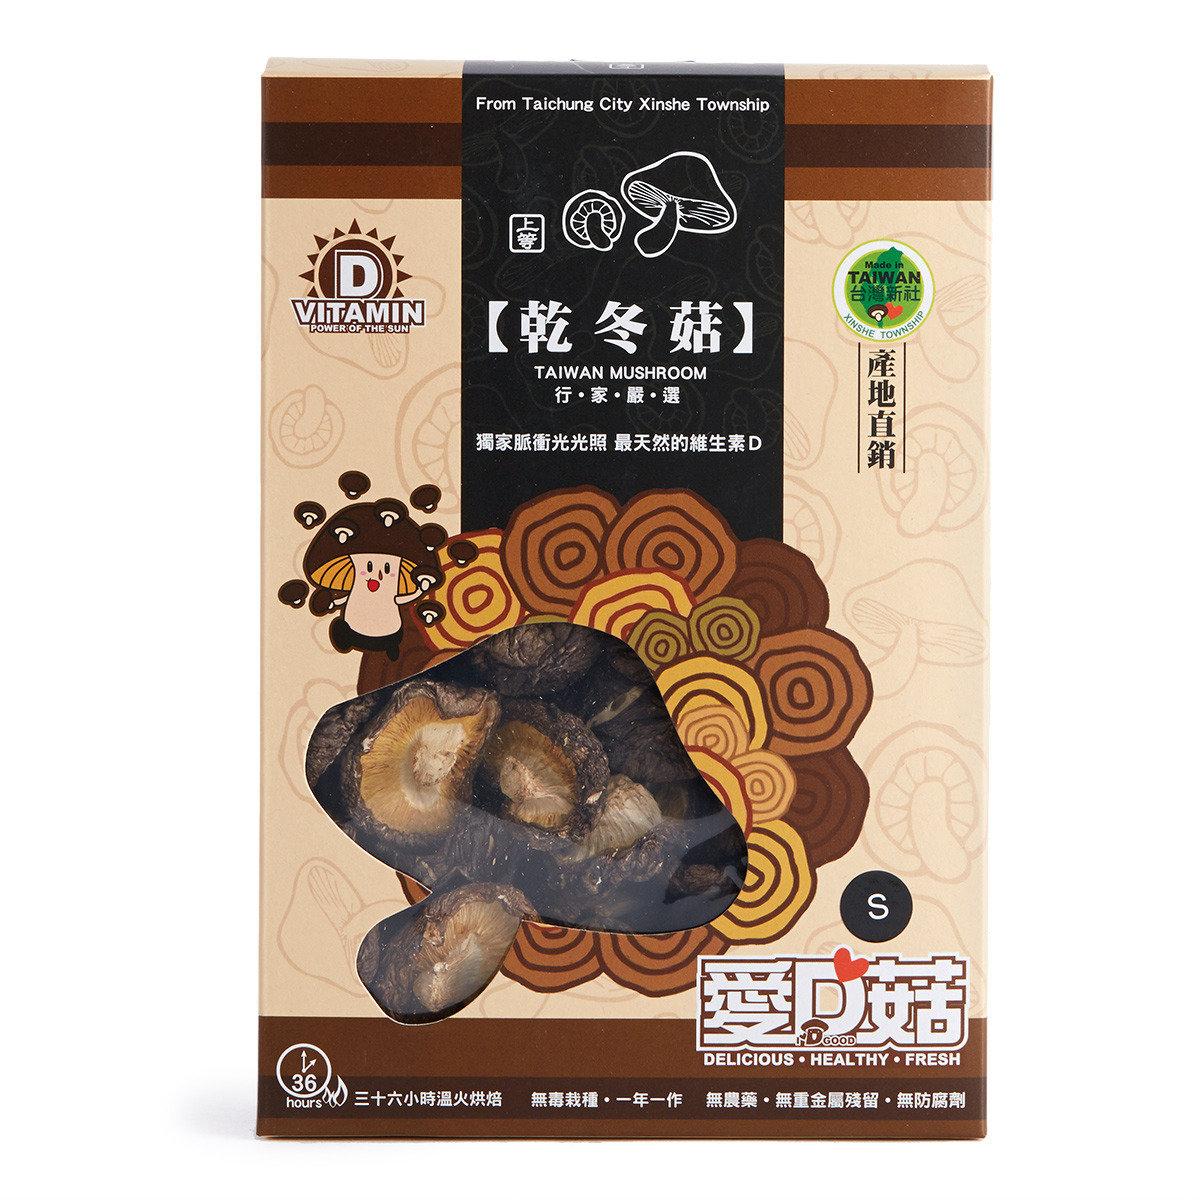 台灣乾冬菇(小菇) (賞味期限: 2016年10月22日)